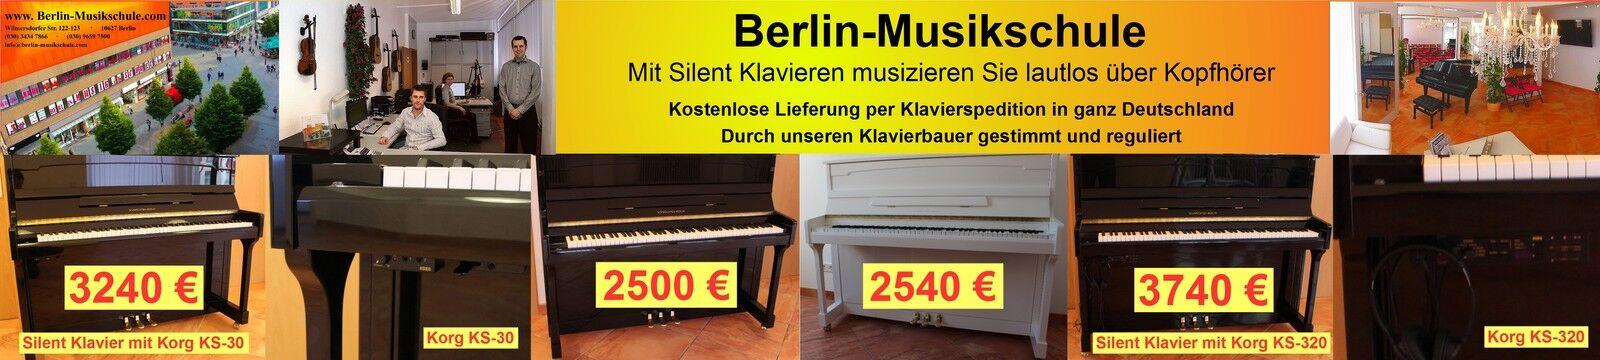 Berlin-Musikschule(Silent-)Klaviere